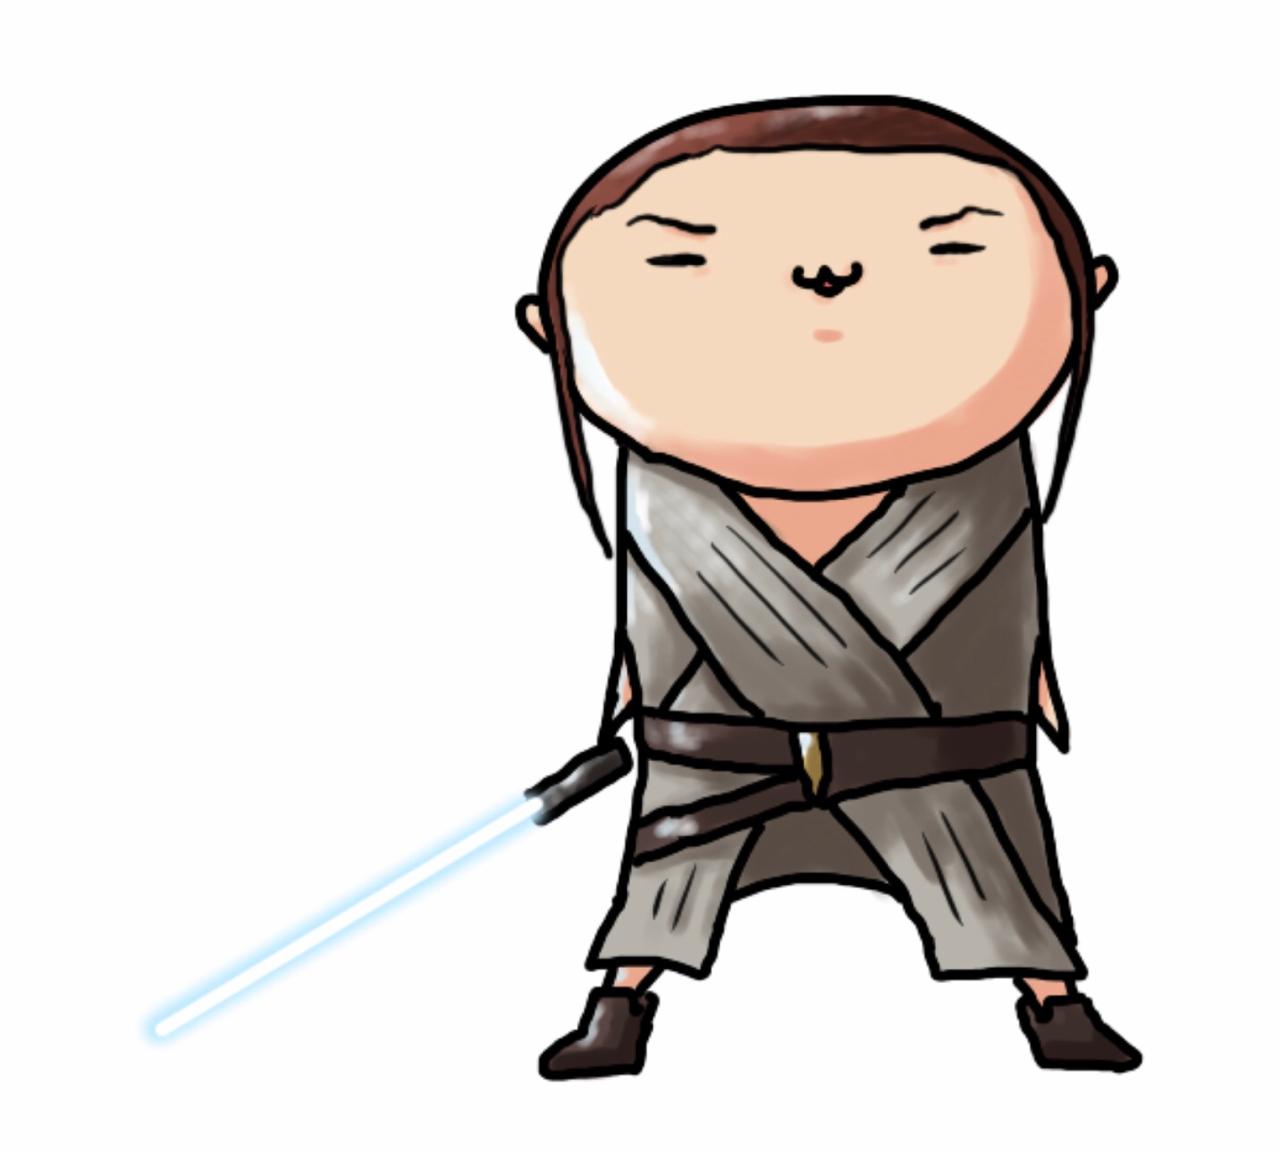 スターウォーズエピソード9 The Rise Of Skywalker 解禁ふじ